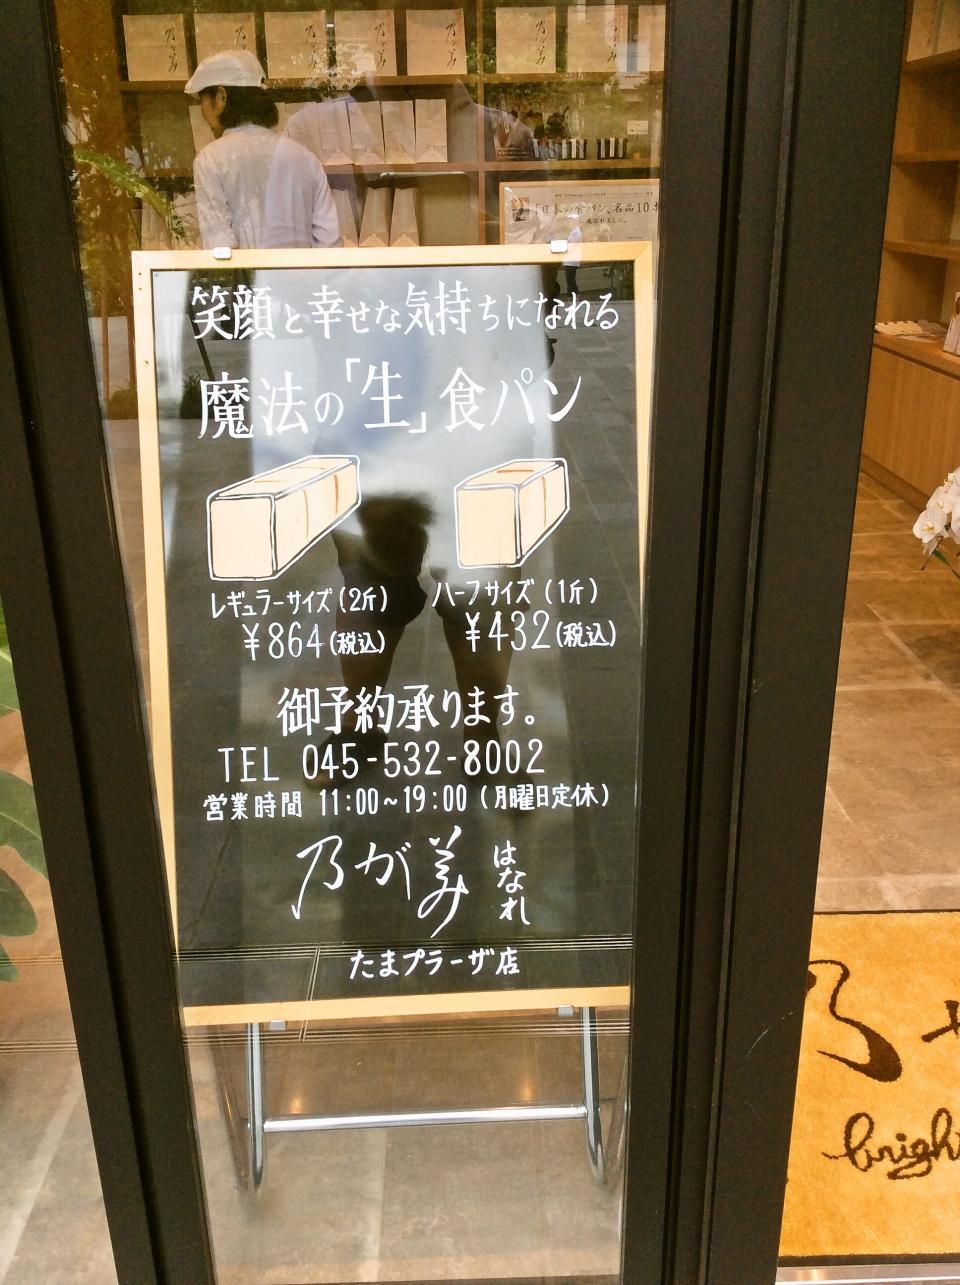 乃が美 はなれ たまプラーザ店(店舗)